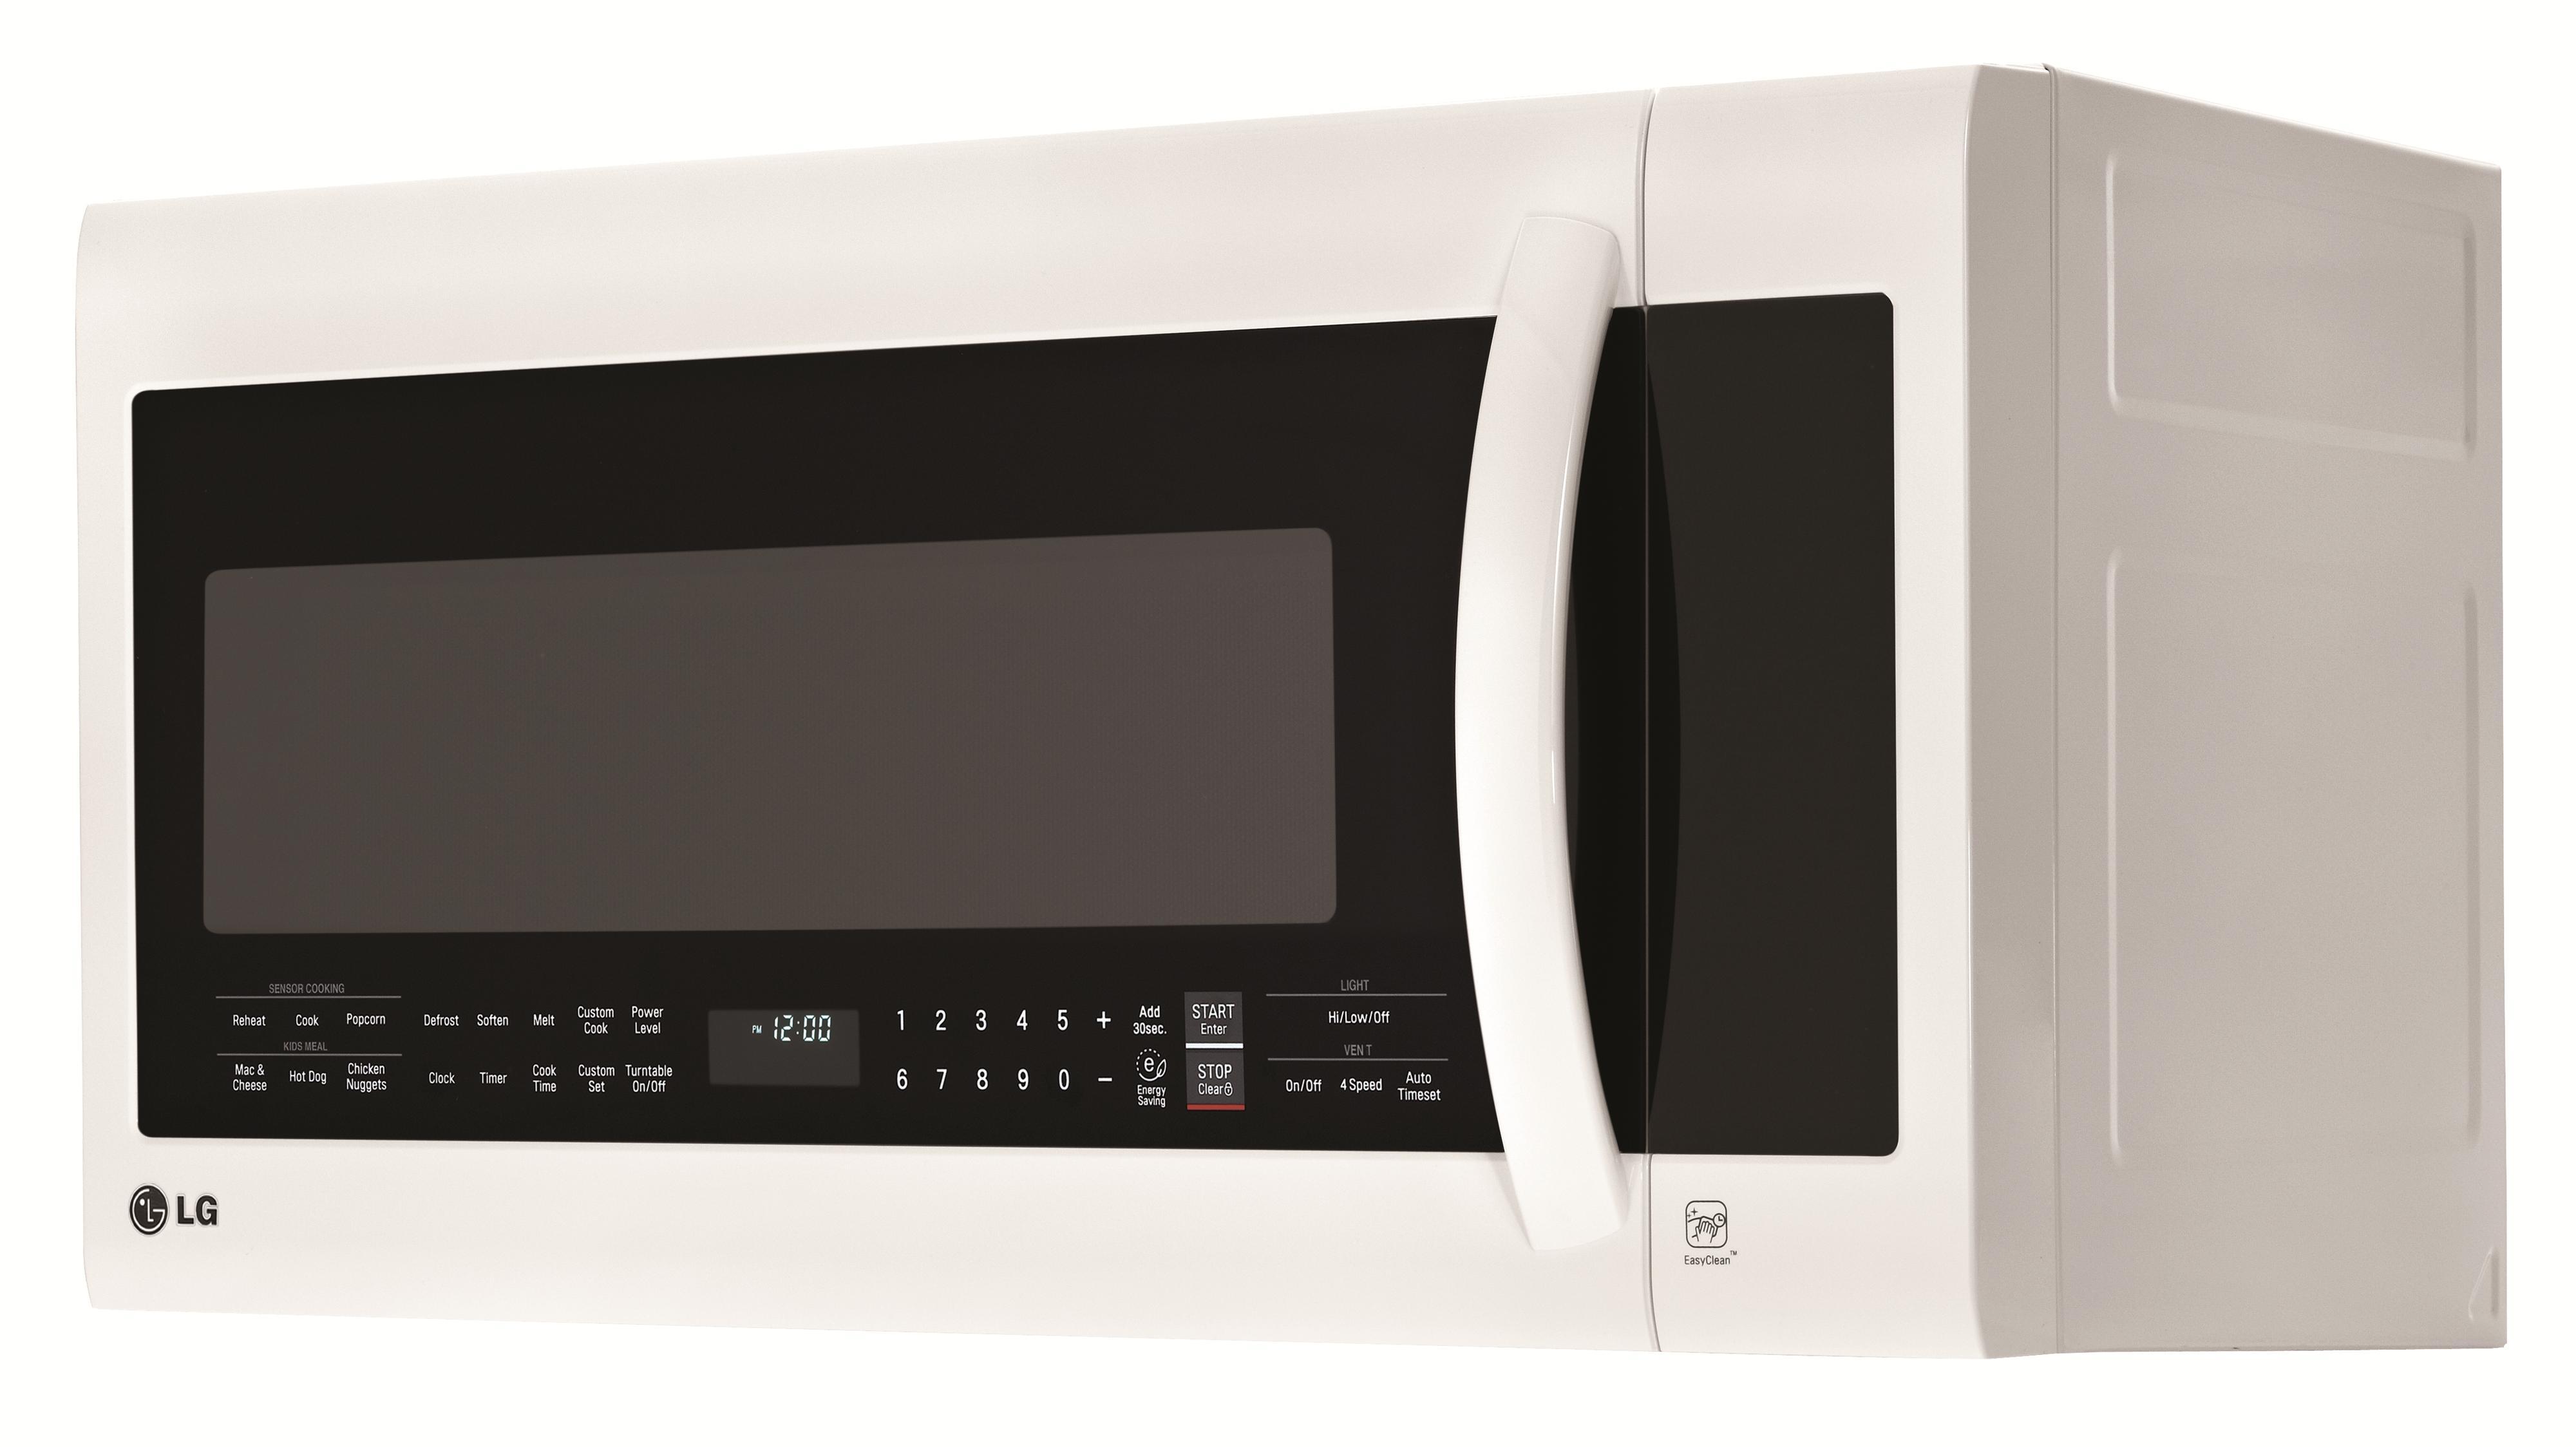 LG Appliances Microwaves 2.0 cu.ft. Over-the-Range Microwave Oven - Item Number: LMVM2033SW